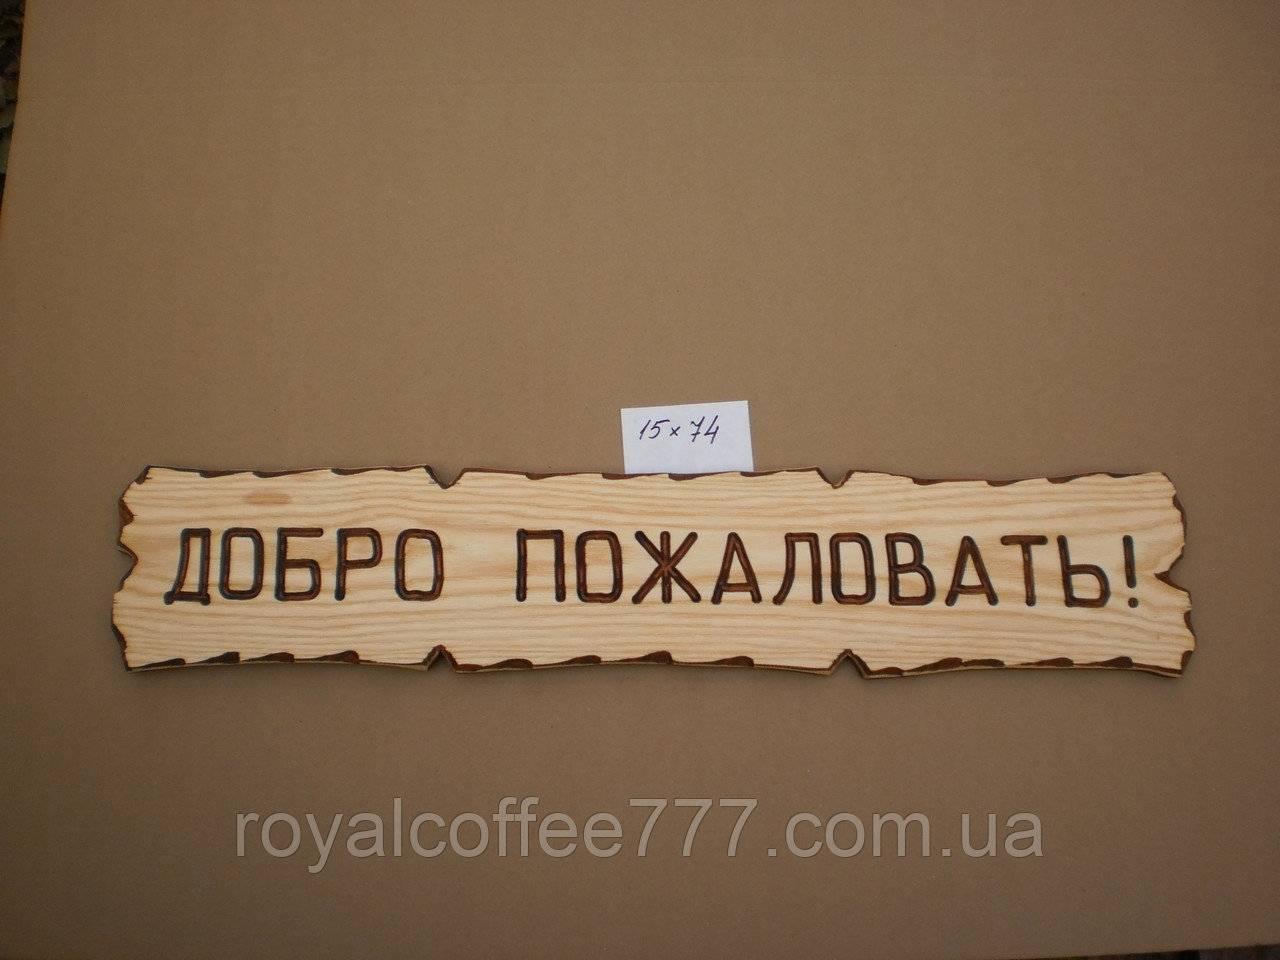 Таблички на свадьбу для фотосессии (44 фото): подбираем надписи для свадебных табличек